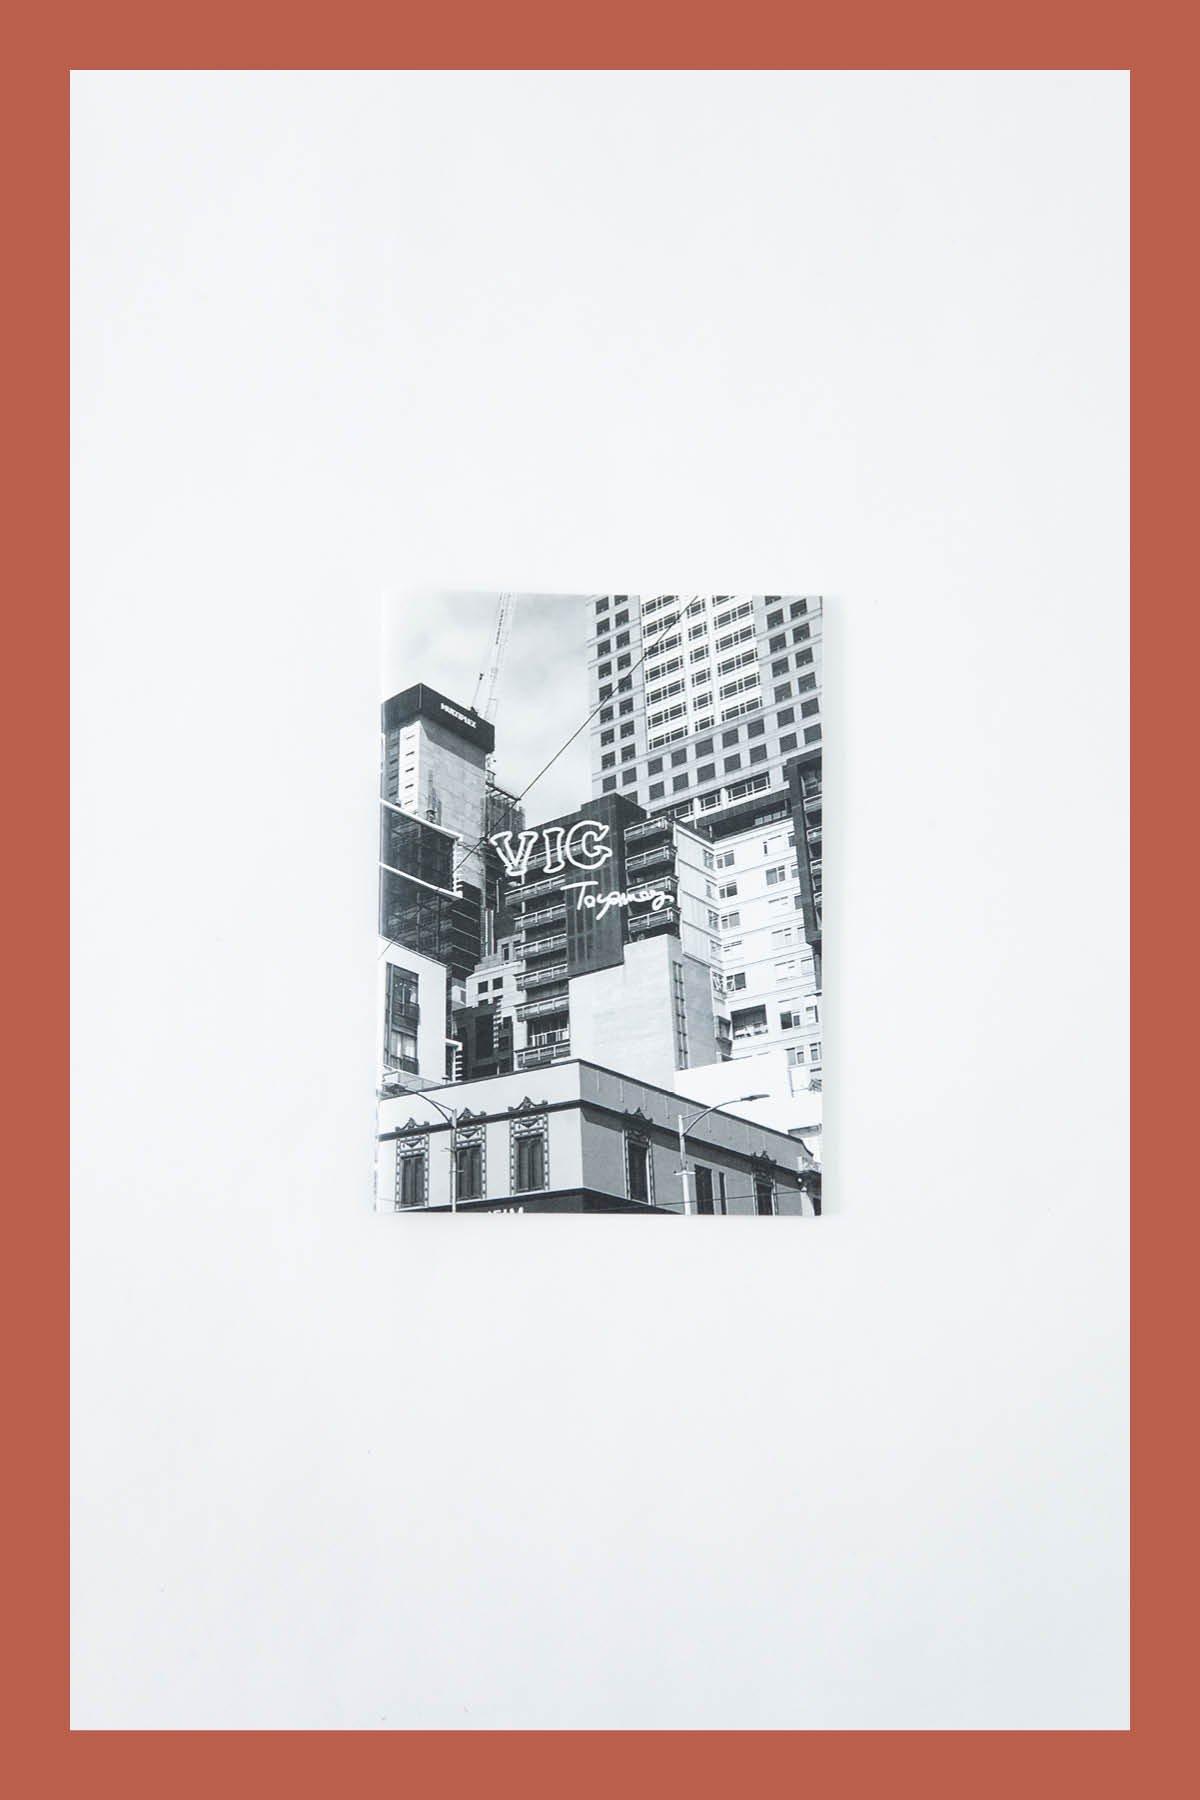 Toyameg / VIC